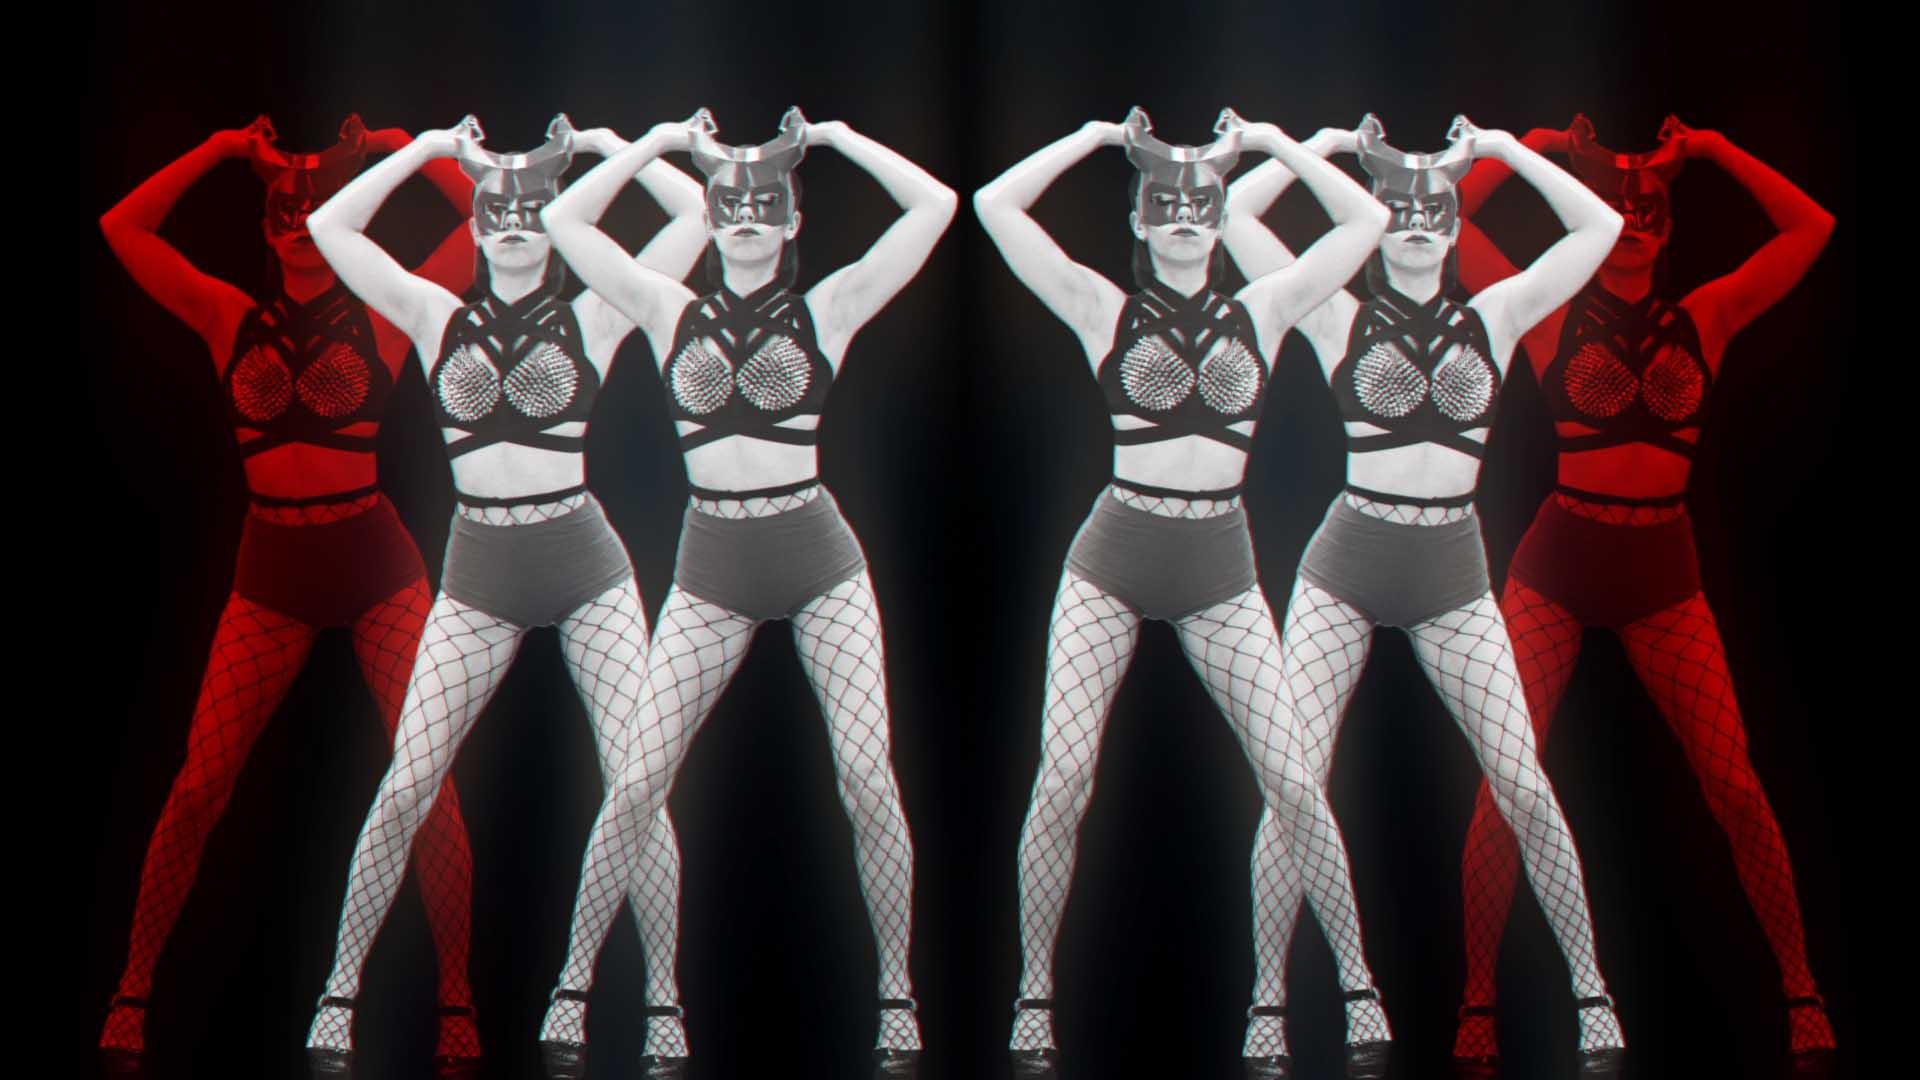 Red_Evil_Demon_Go_Go_Girls_Dancing_Video_Footage_VJ_Loop